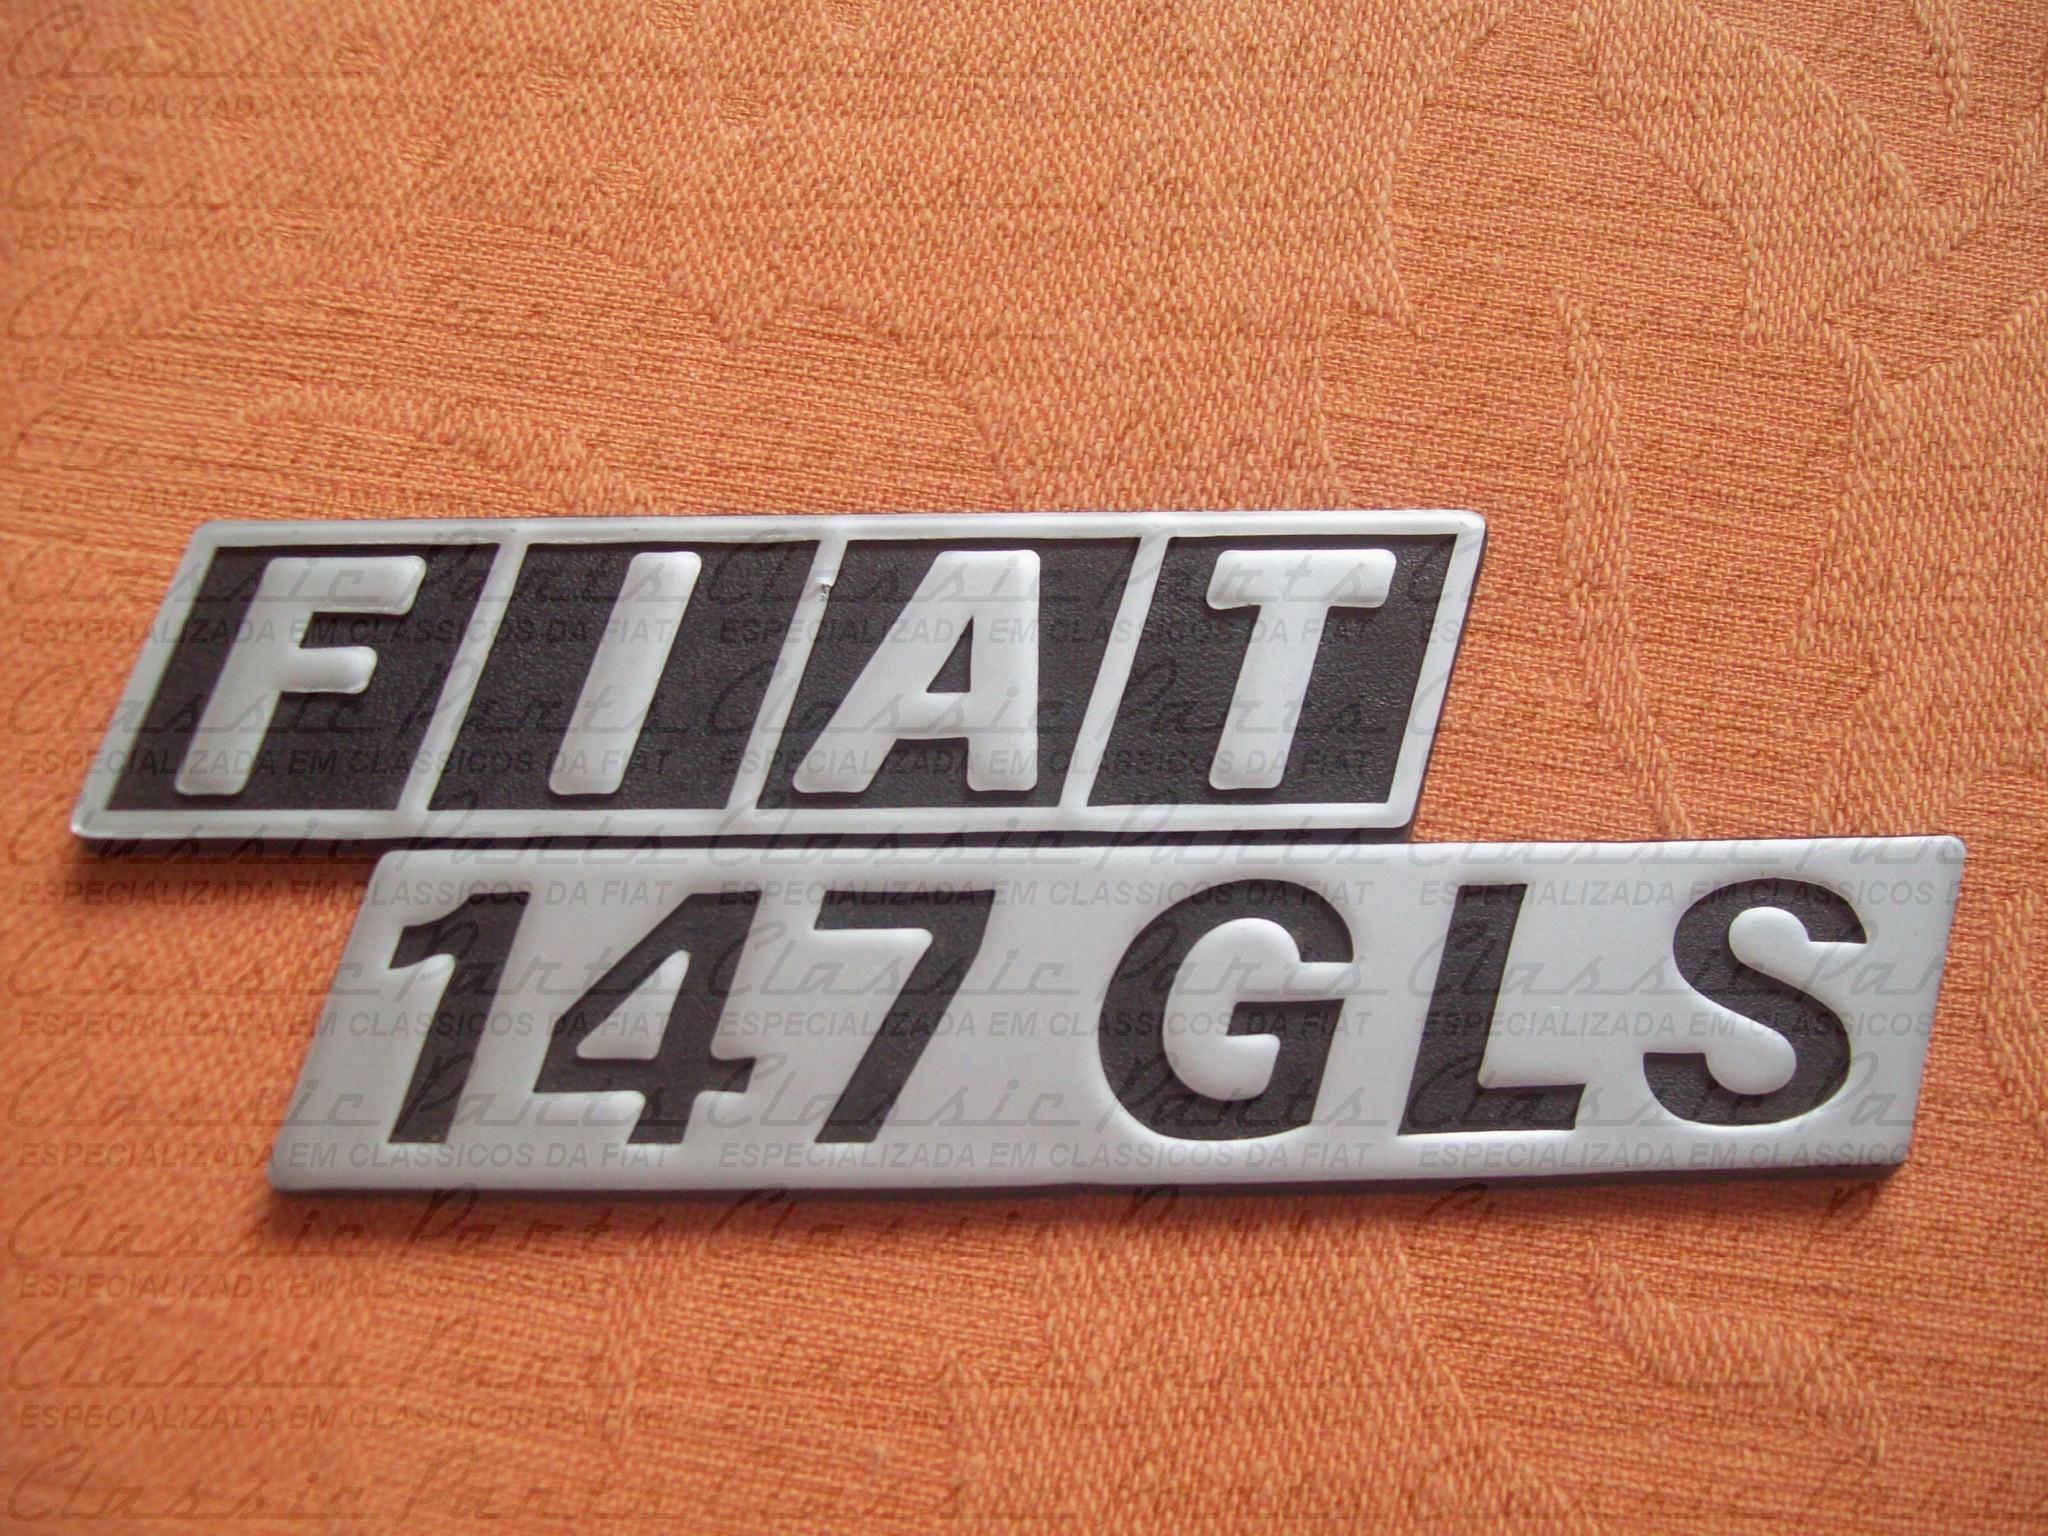 EMBLEMA - FIAT 147 GLS